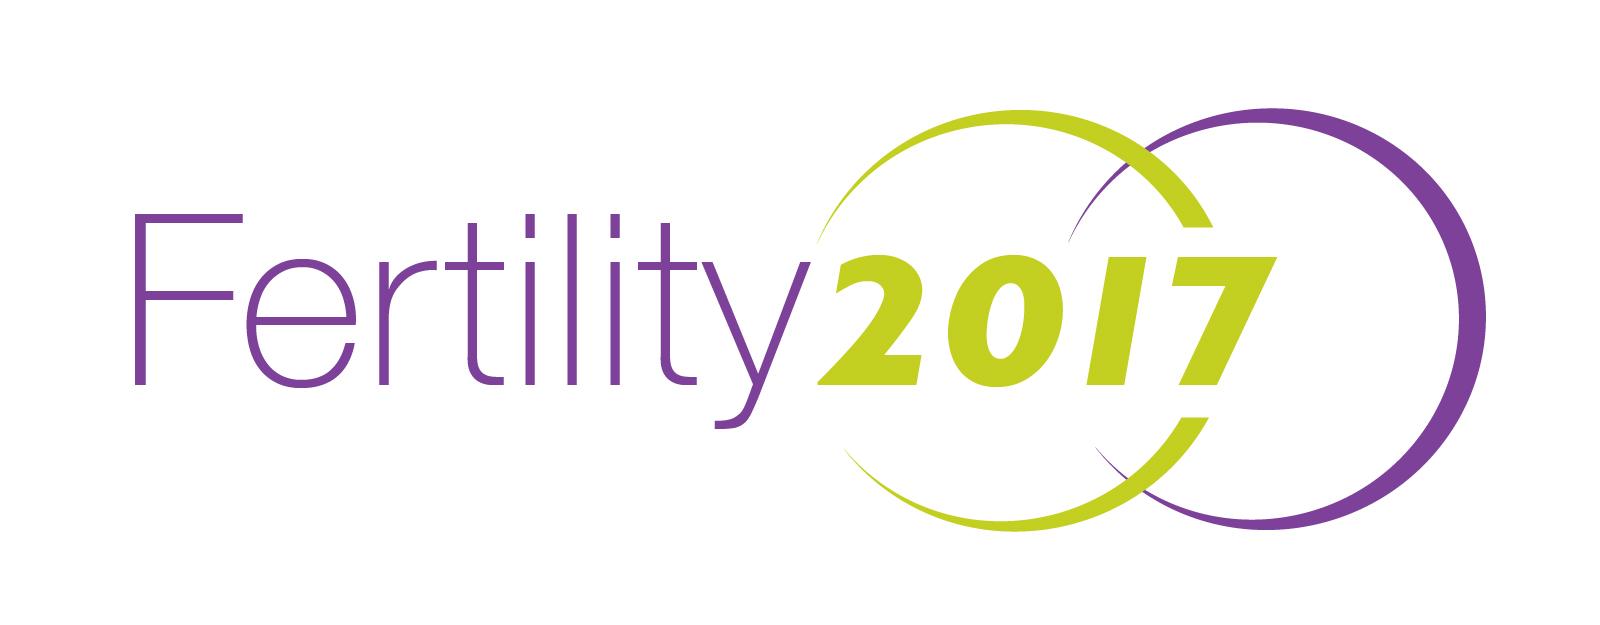 Fertility-2017-Logo